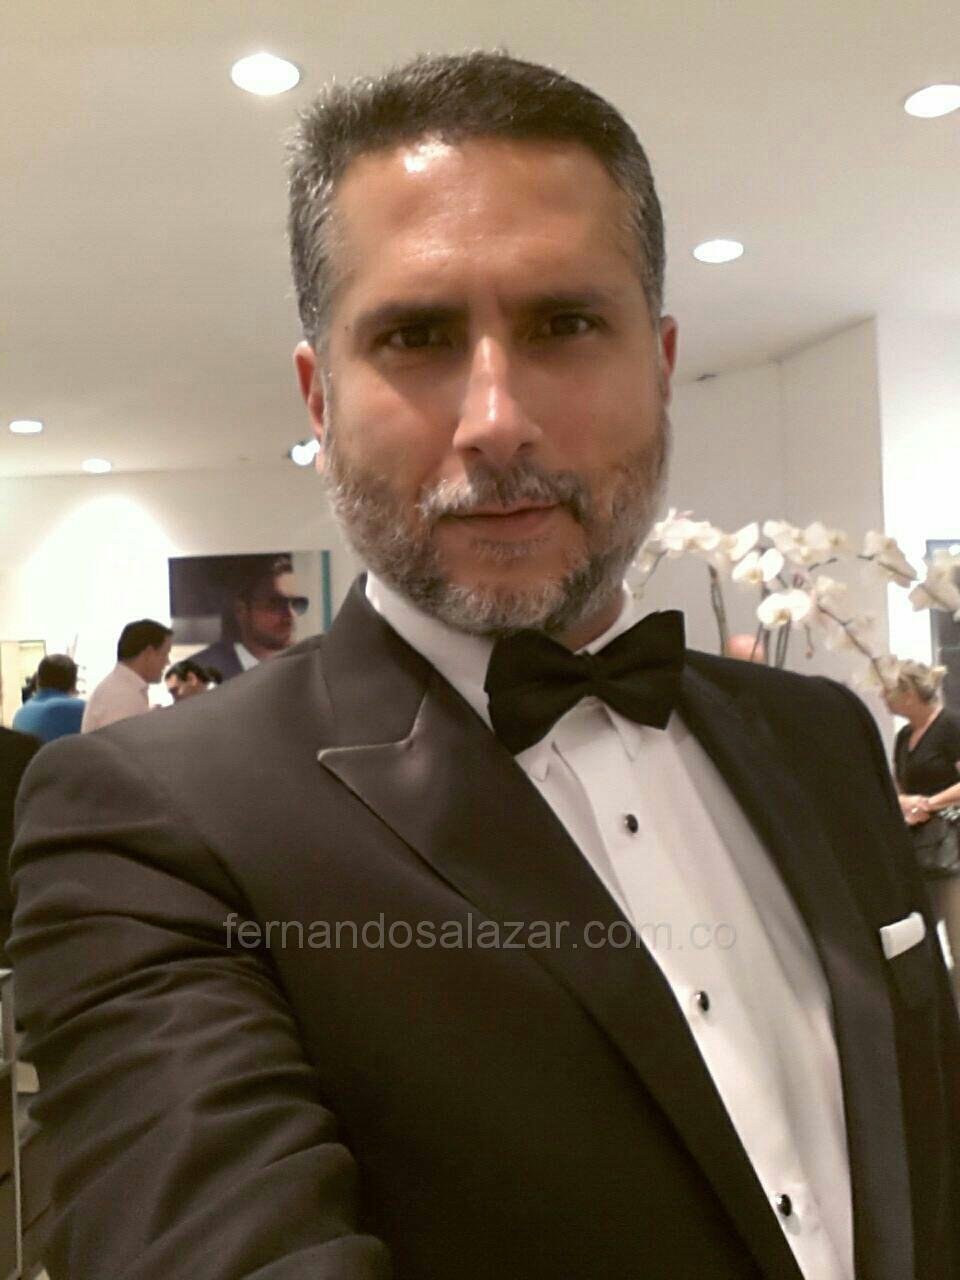 Marlon Moreno en Smoking de Fernando Salazar - Tuxedo - Novio